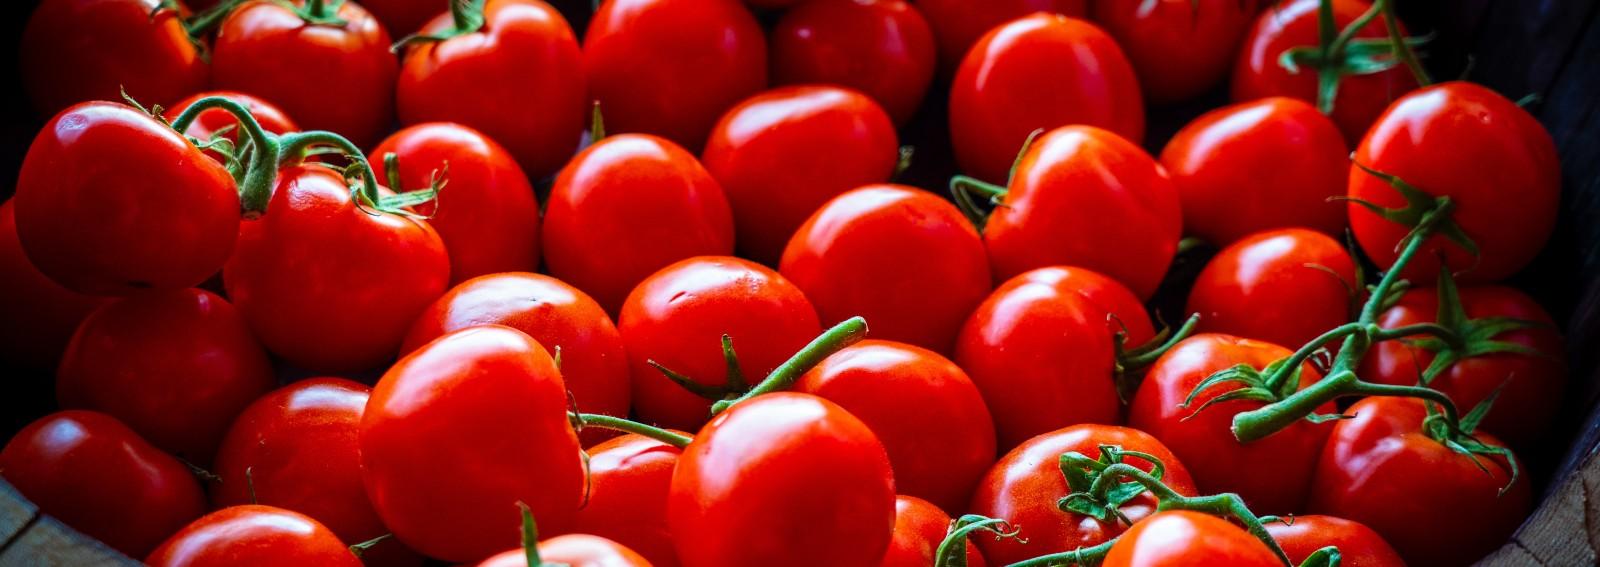 Pomodori (desktop)